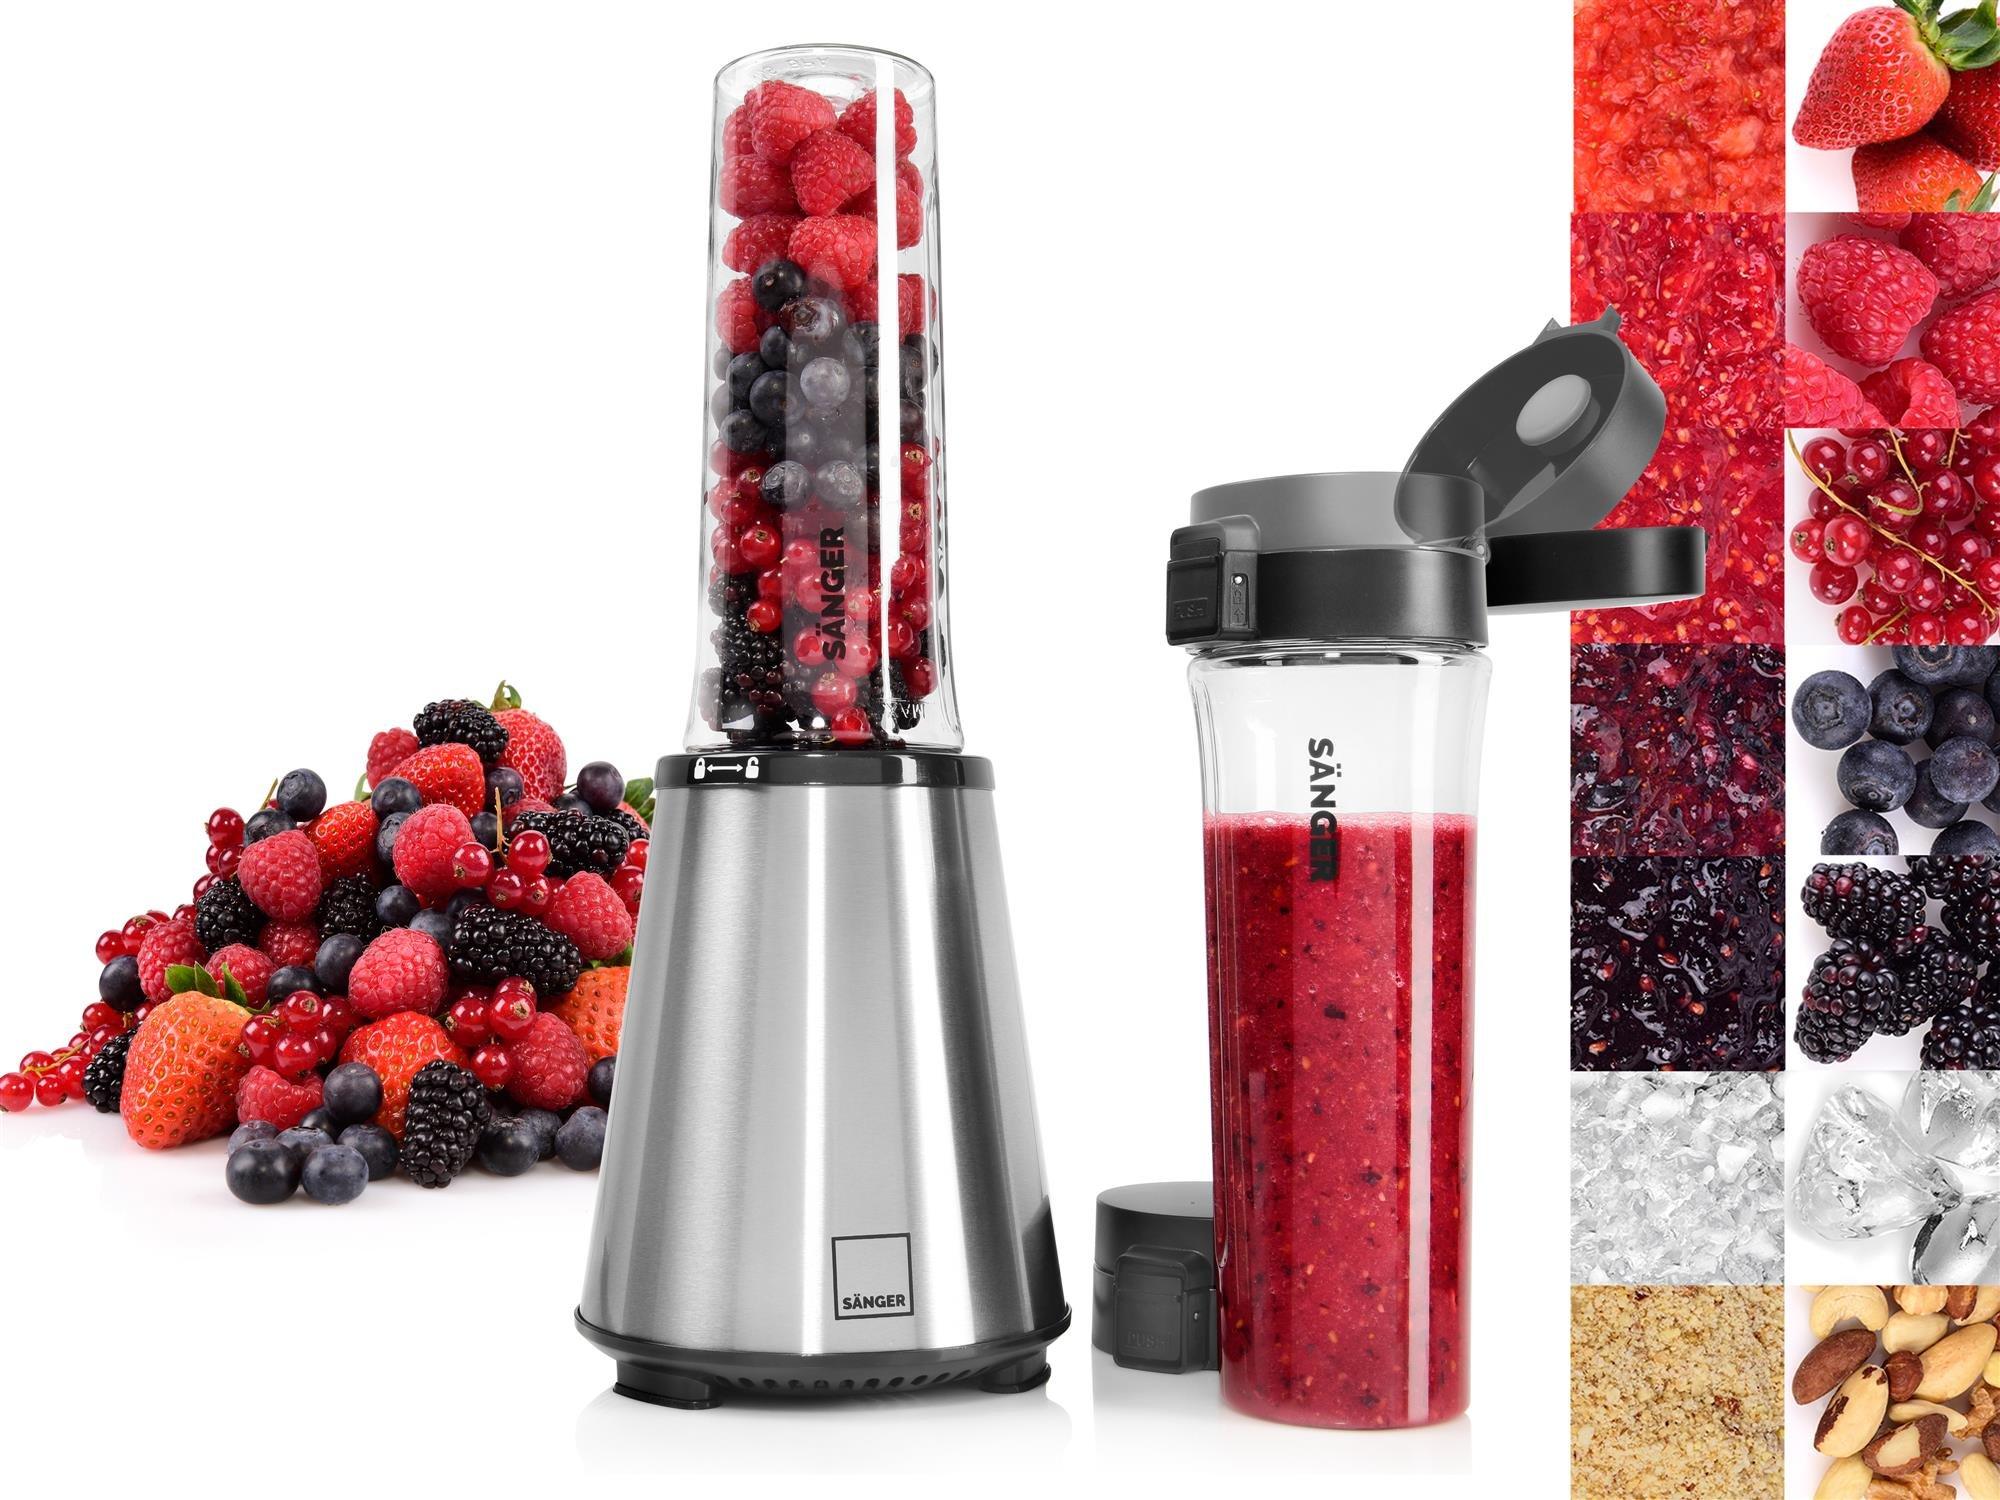 Snger-Standmixer-Smoothie-Maker-20-300W-04PS-Neue-Generation-2x-BPA-freie-550ml-Tritan-Trinkflaschen-Smoothie-Mixer-mit-neuem-Push-N-Flip-Deckel-Edelstahlgehuse-mit-verbessertem-Motor